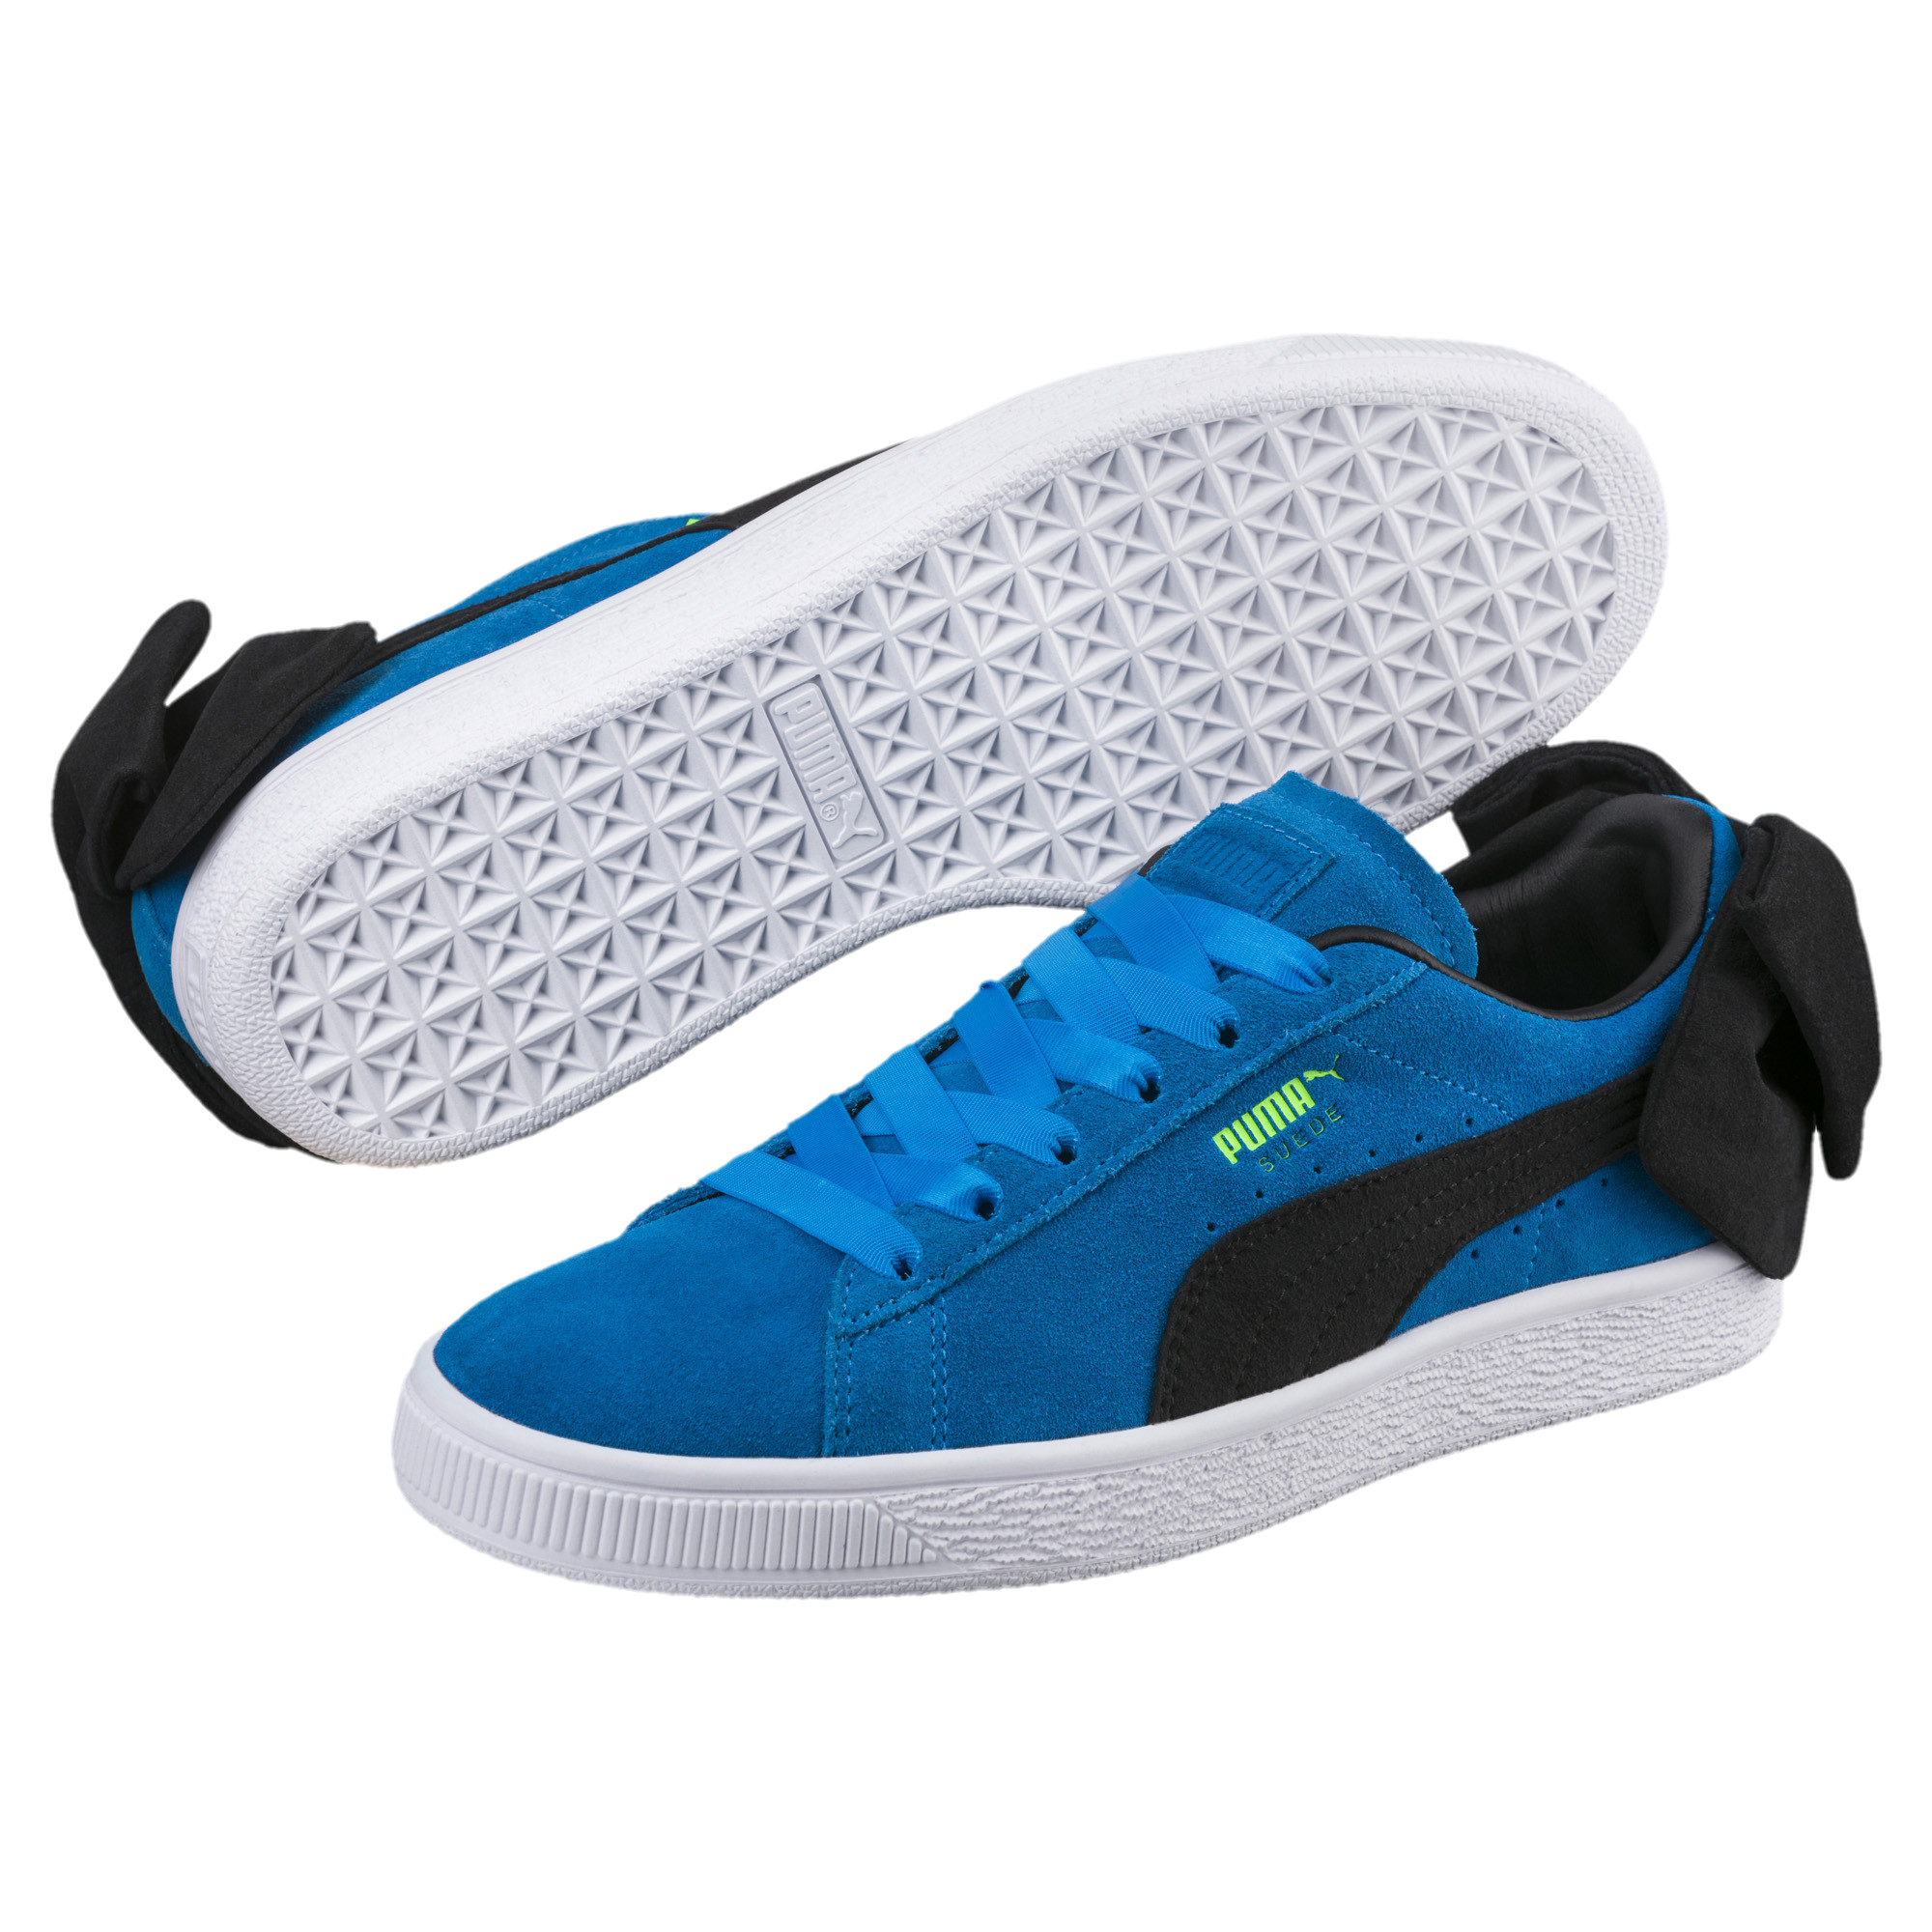 PUMA-Suede-Bow-Block-Damen-Sneaker-Frauen-Schuhe-Sport-Classics-Neu Indexbild 14